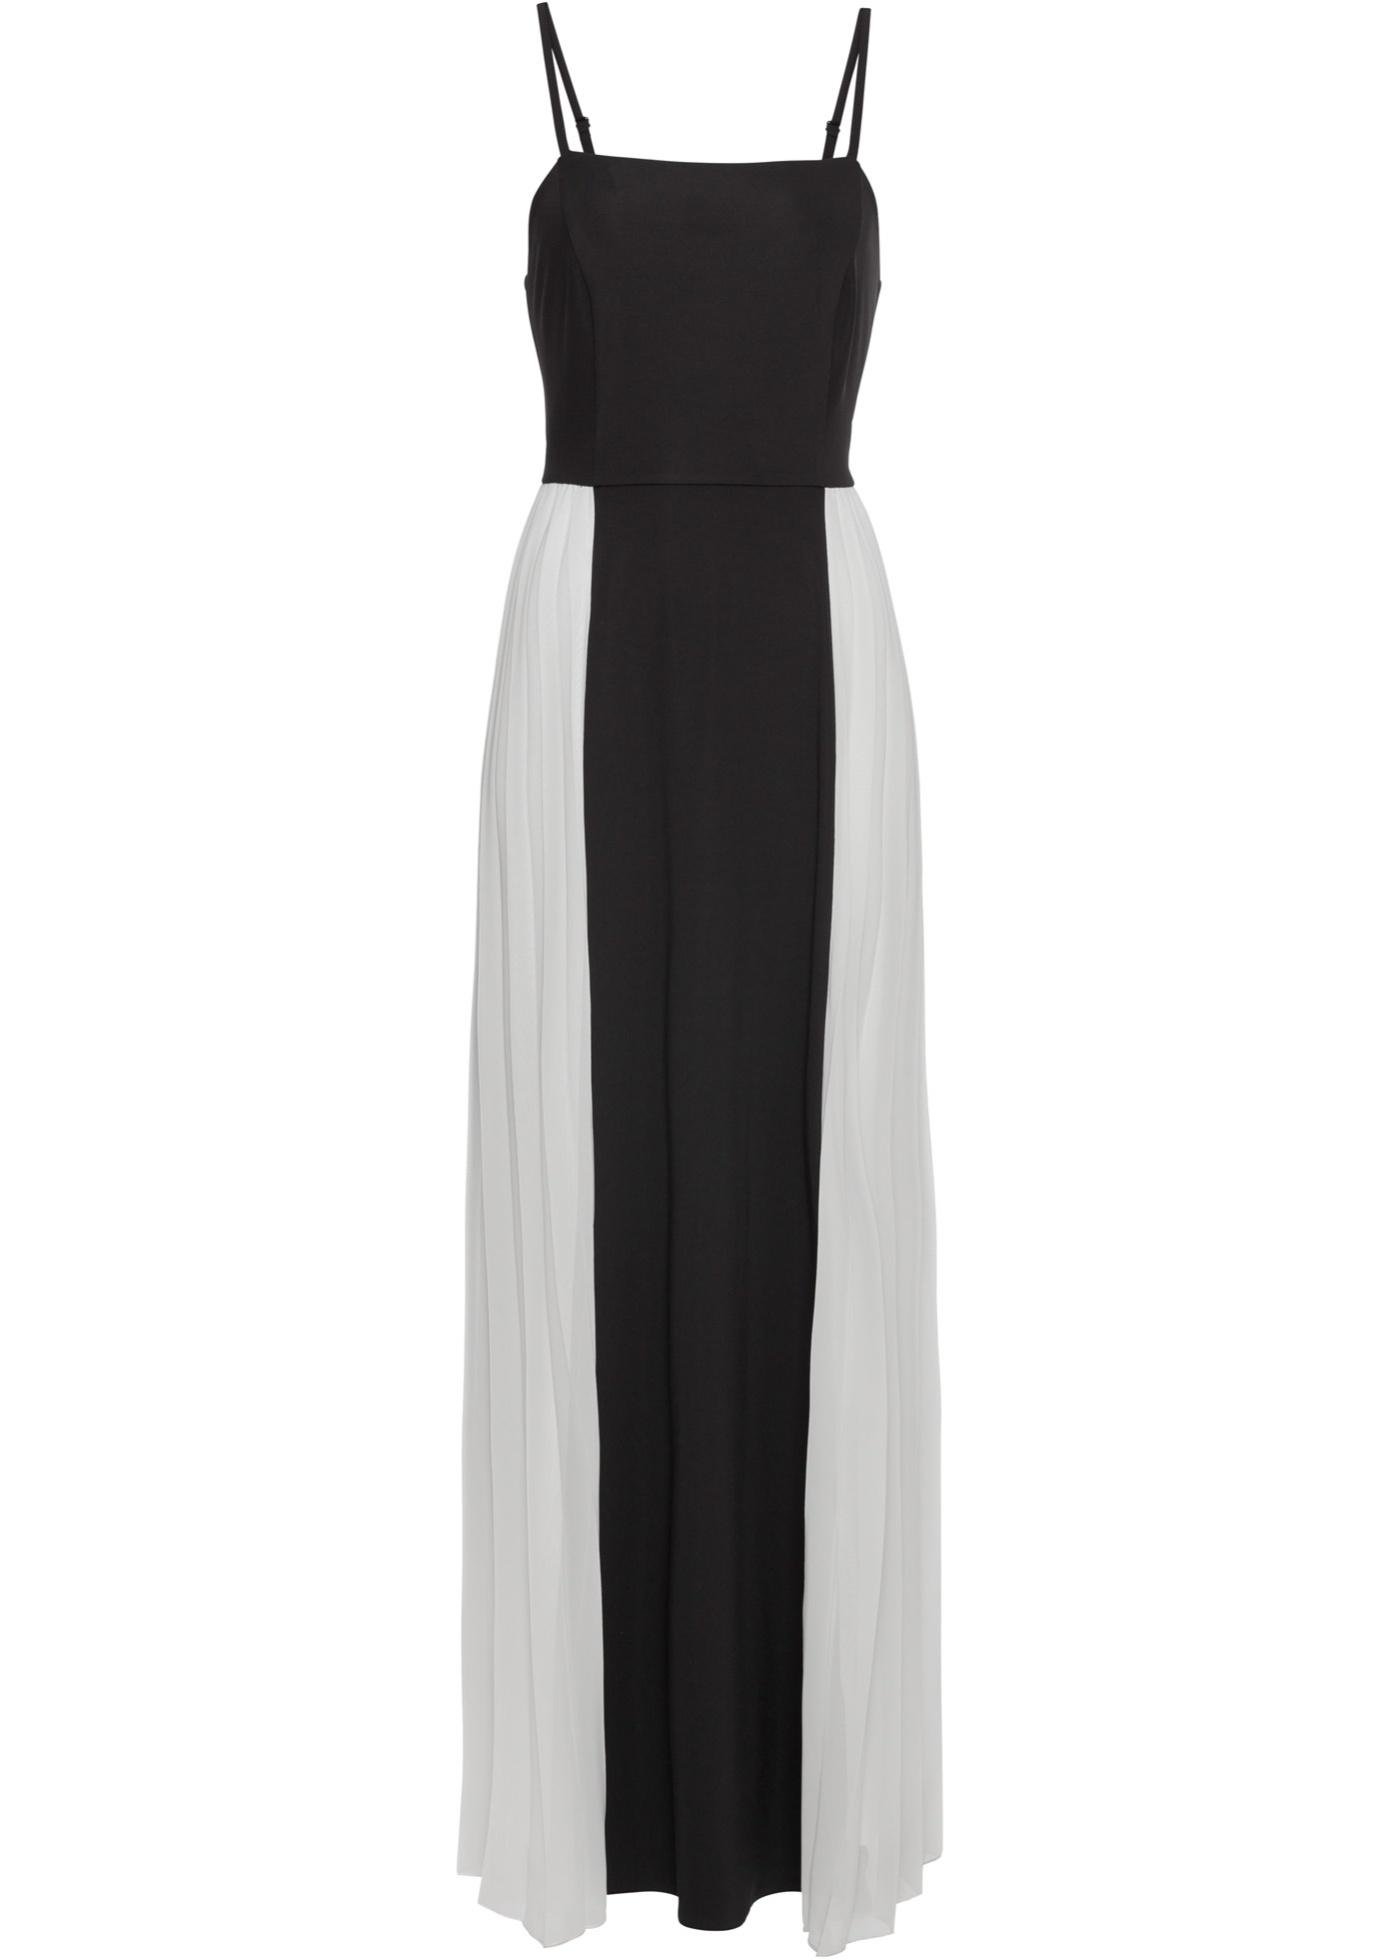 BODYFLIRT boutique Bonprix - robe d été Robe noir sans manches pour femme 9fb46f68f679